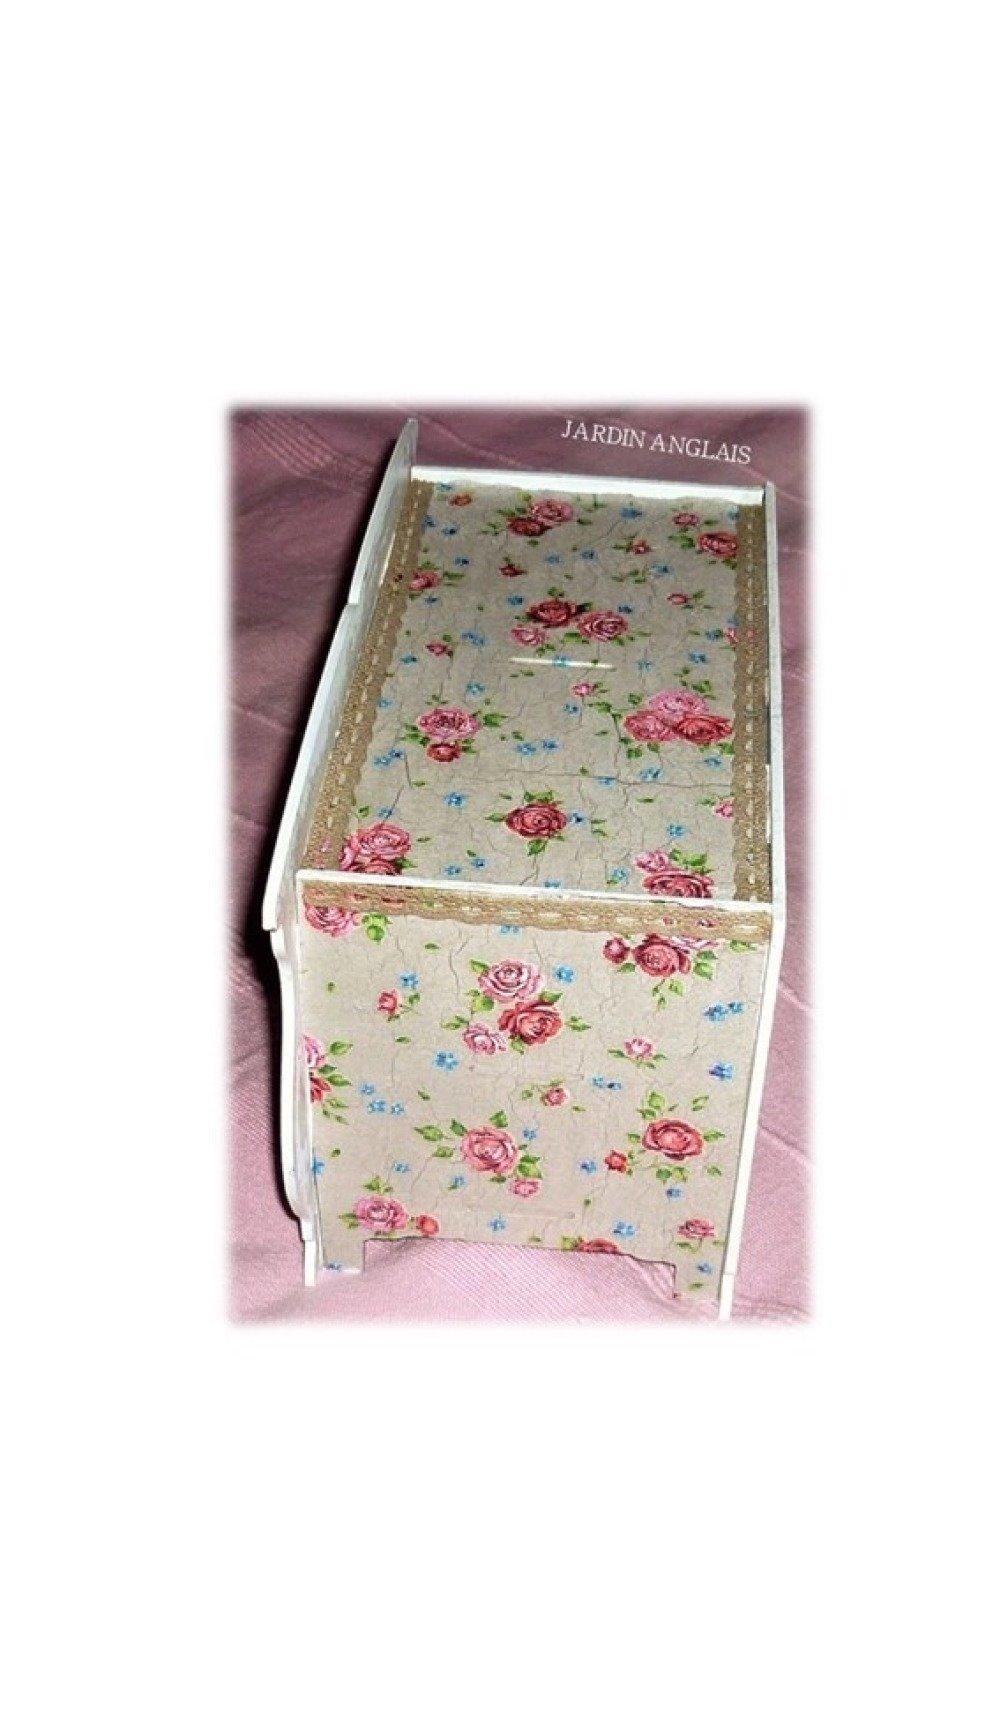 Armoirette blanche décorée de fleurettes roses